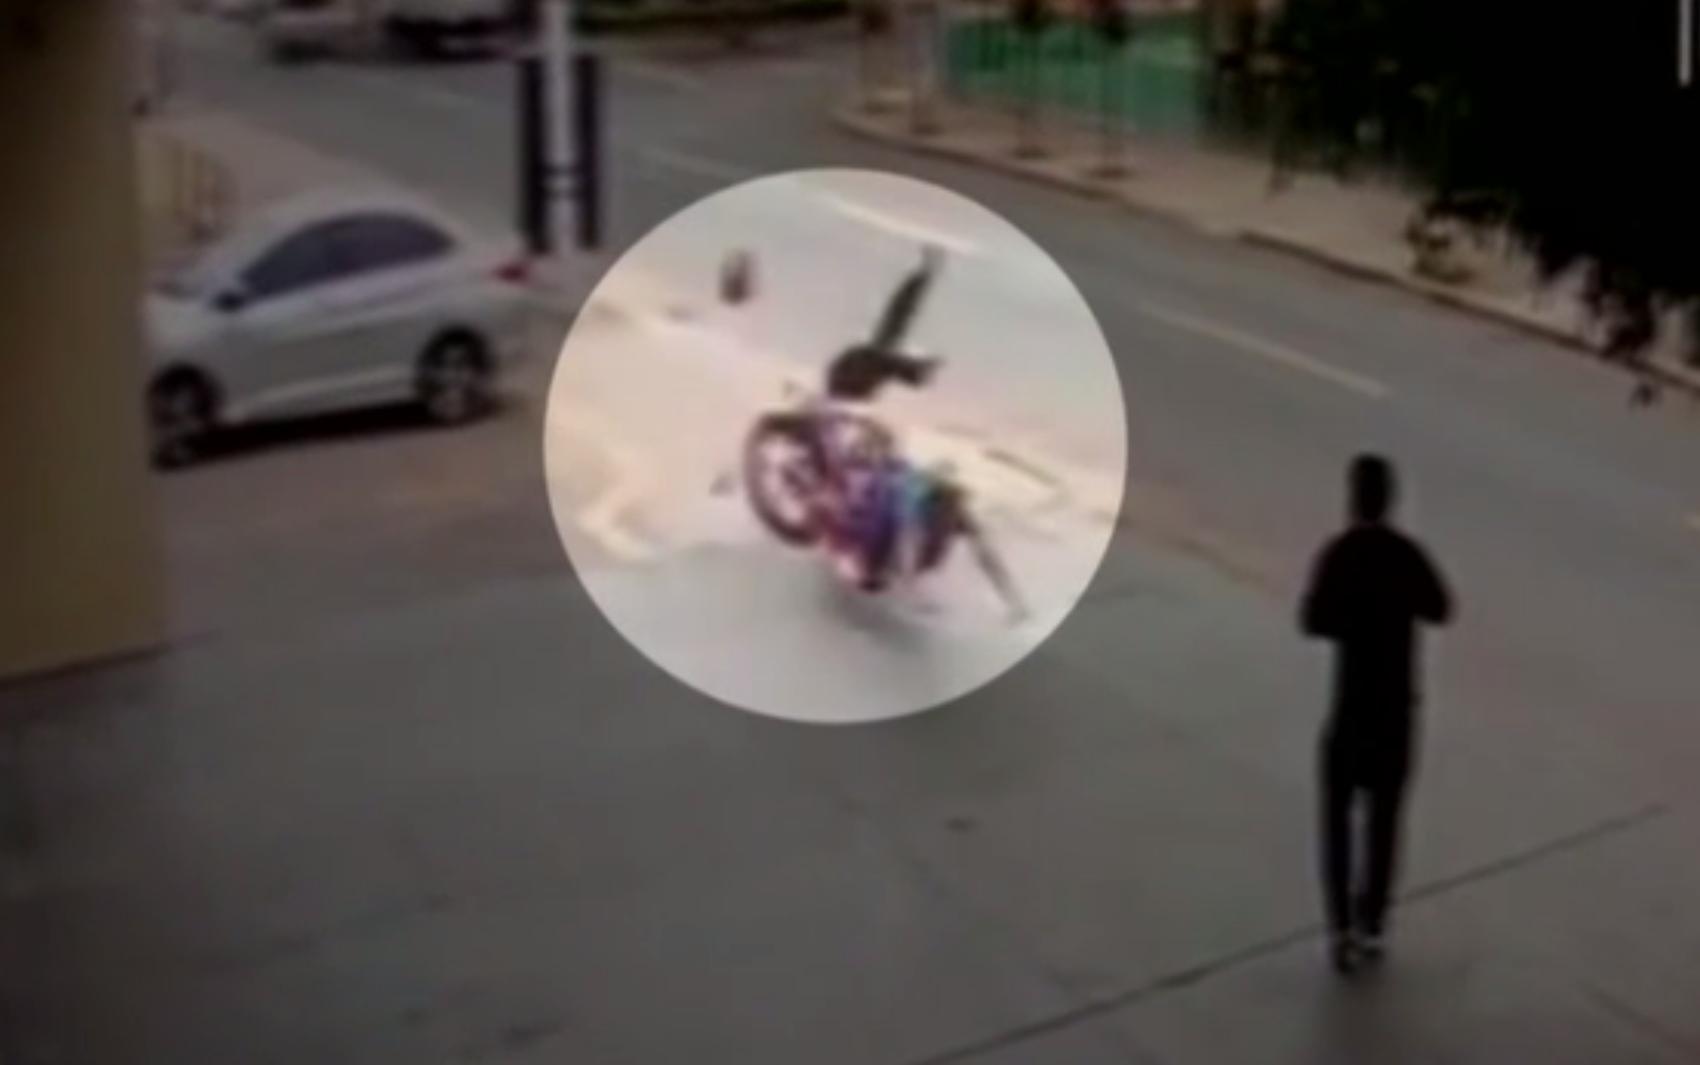 Vídeo mostra moto desgovernada invadir calçada, arremessar idoso e atingir empresário em Goiânia